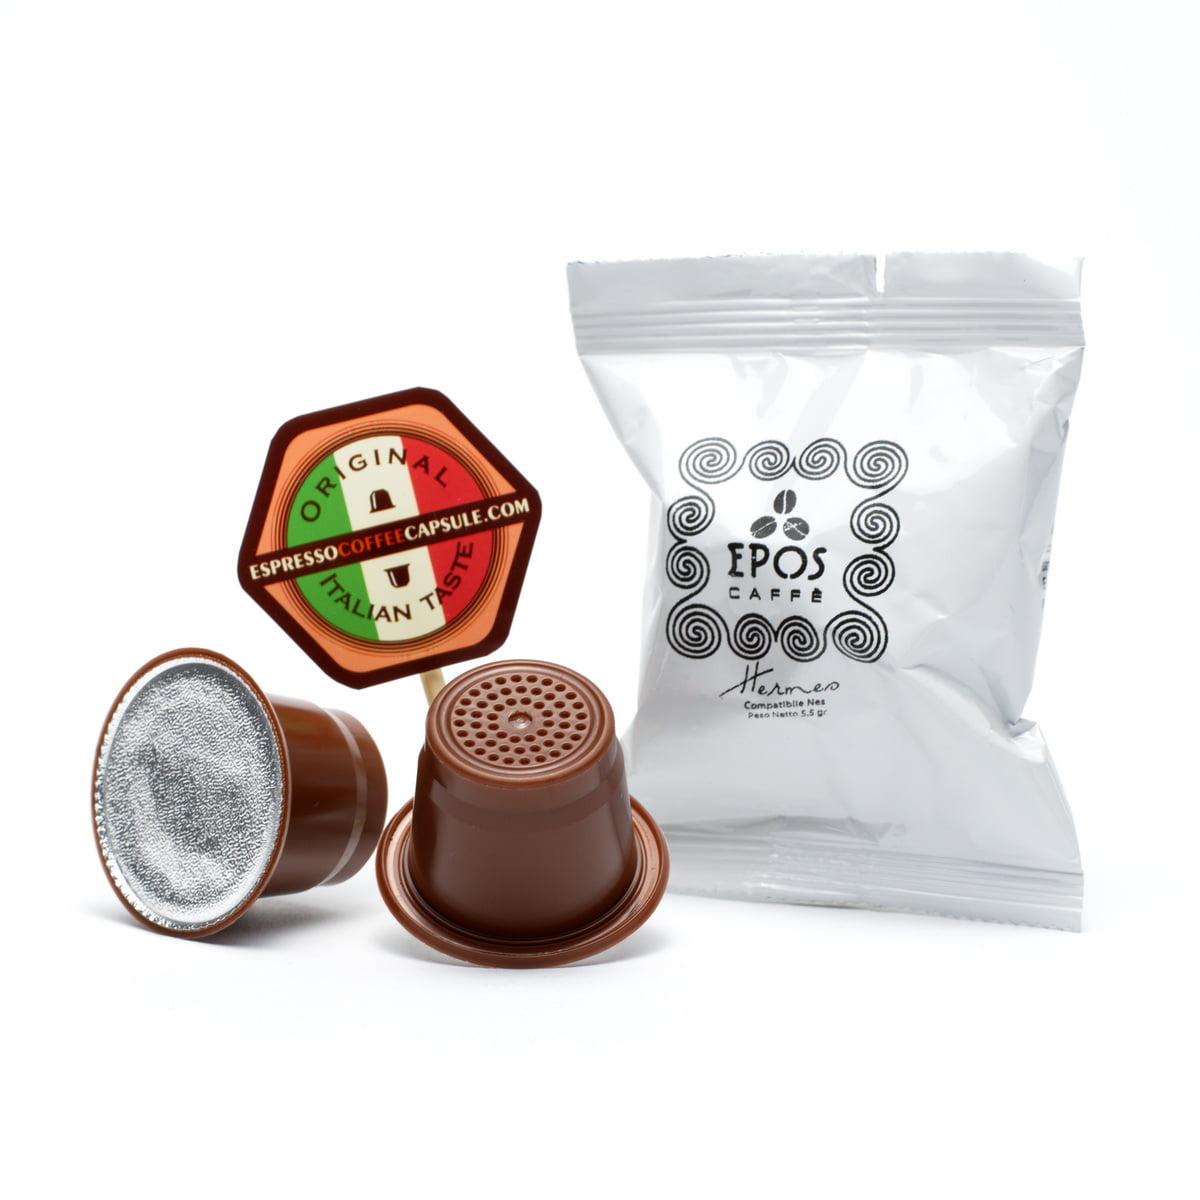 EPOS Hermes Italian coffee in nespresso capsules